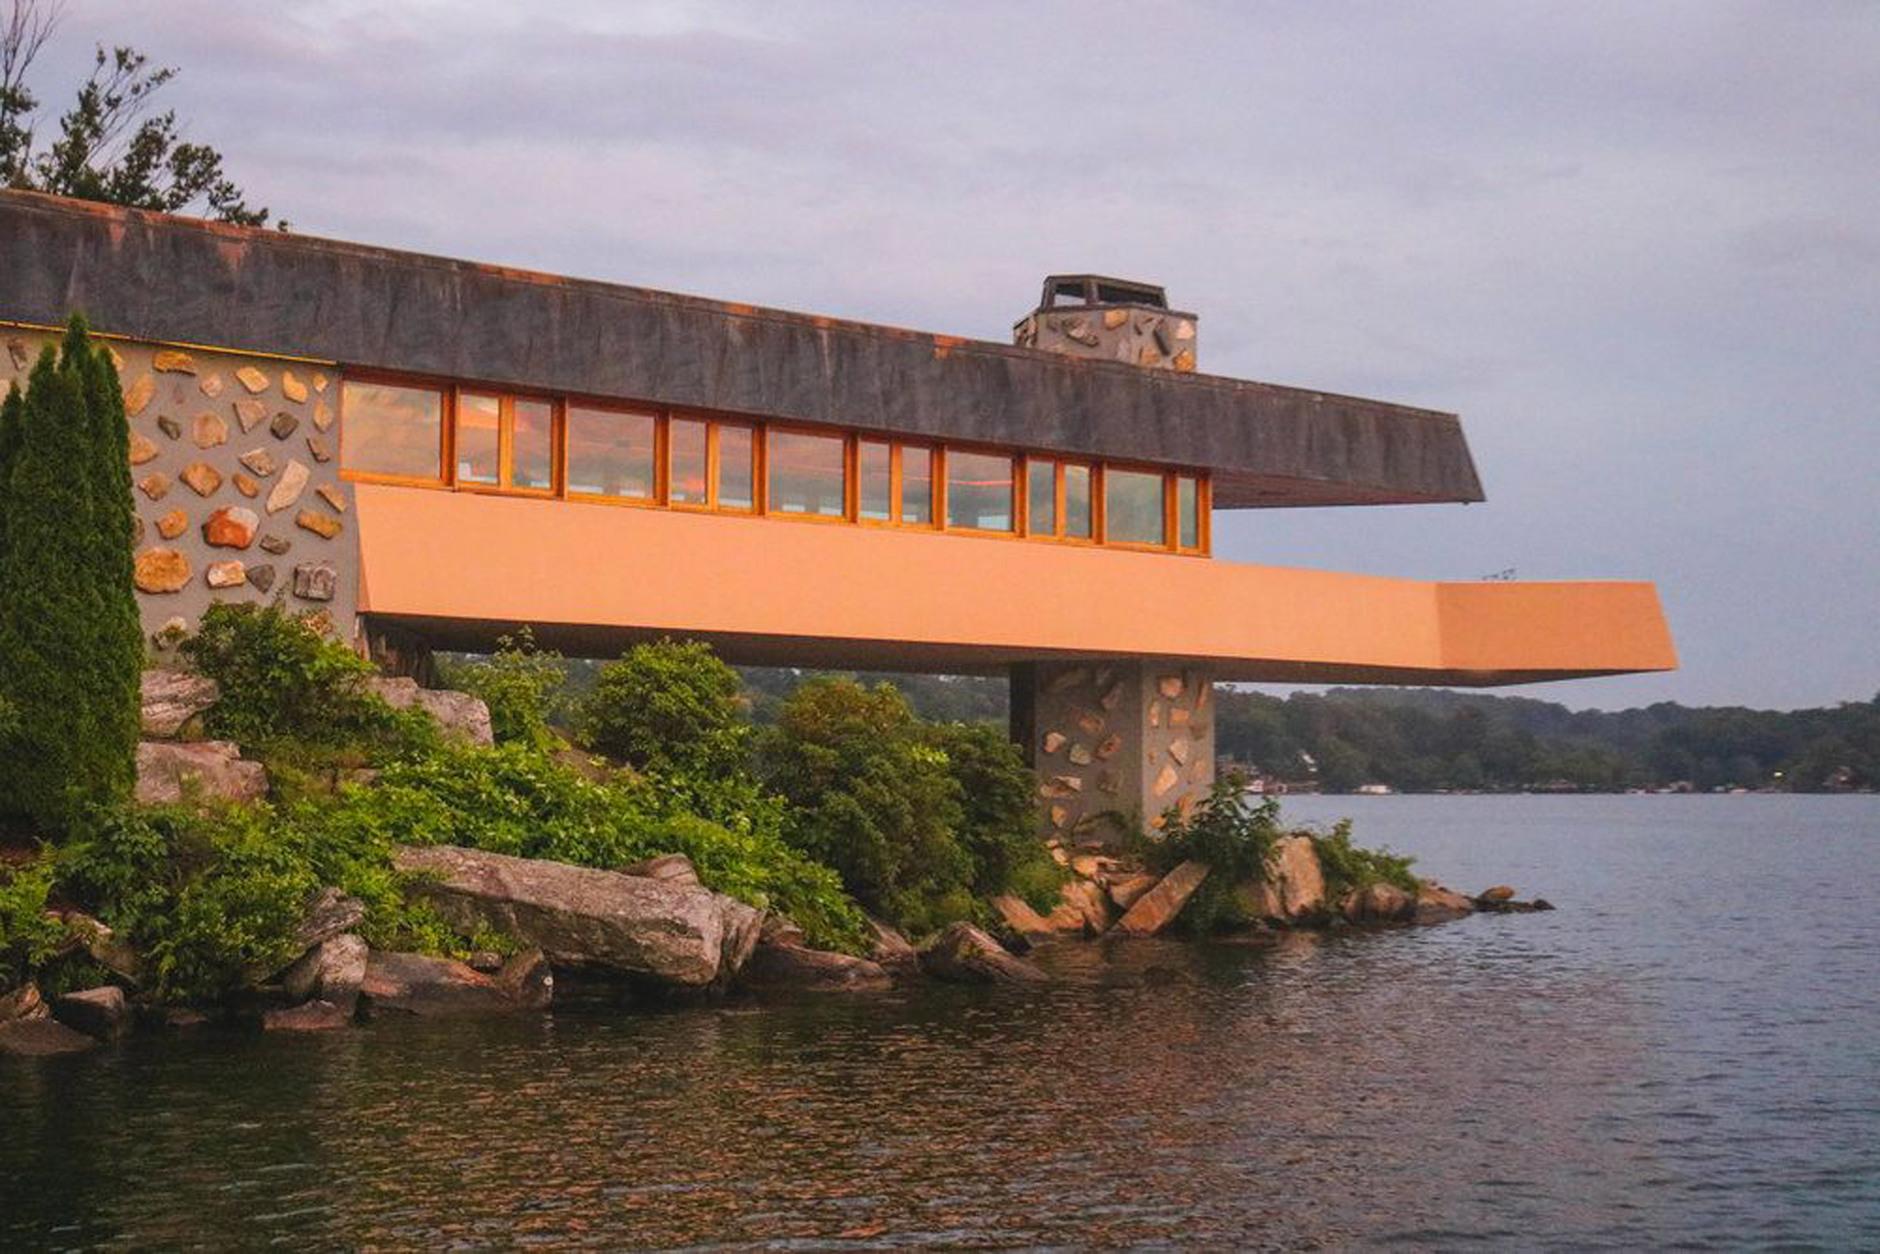 Под Нью-Йорком продается частный остров с домами Фрэнка Ллойда Райта (галерея 7, фото 4)